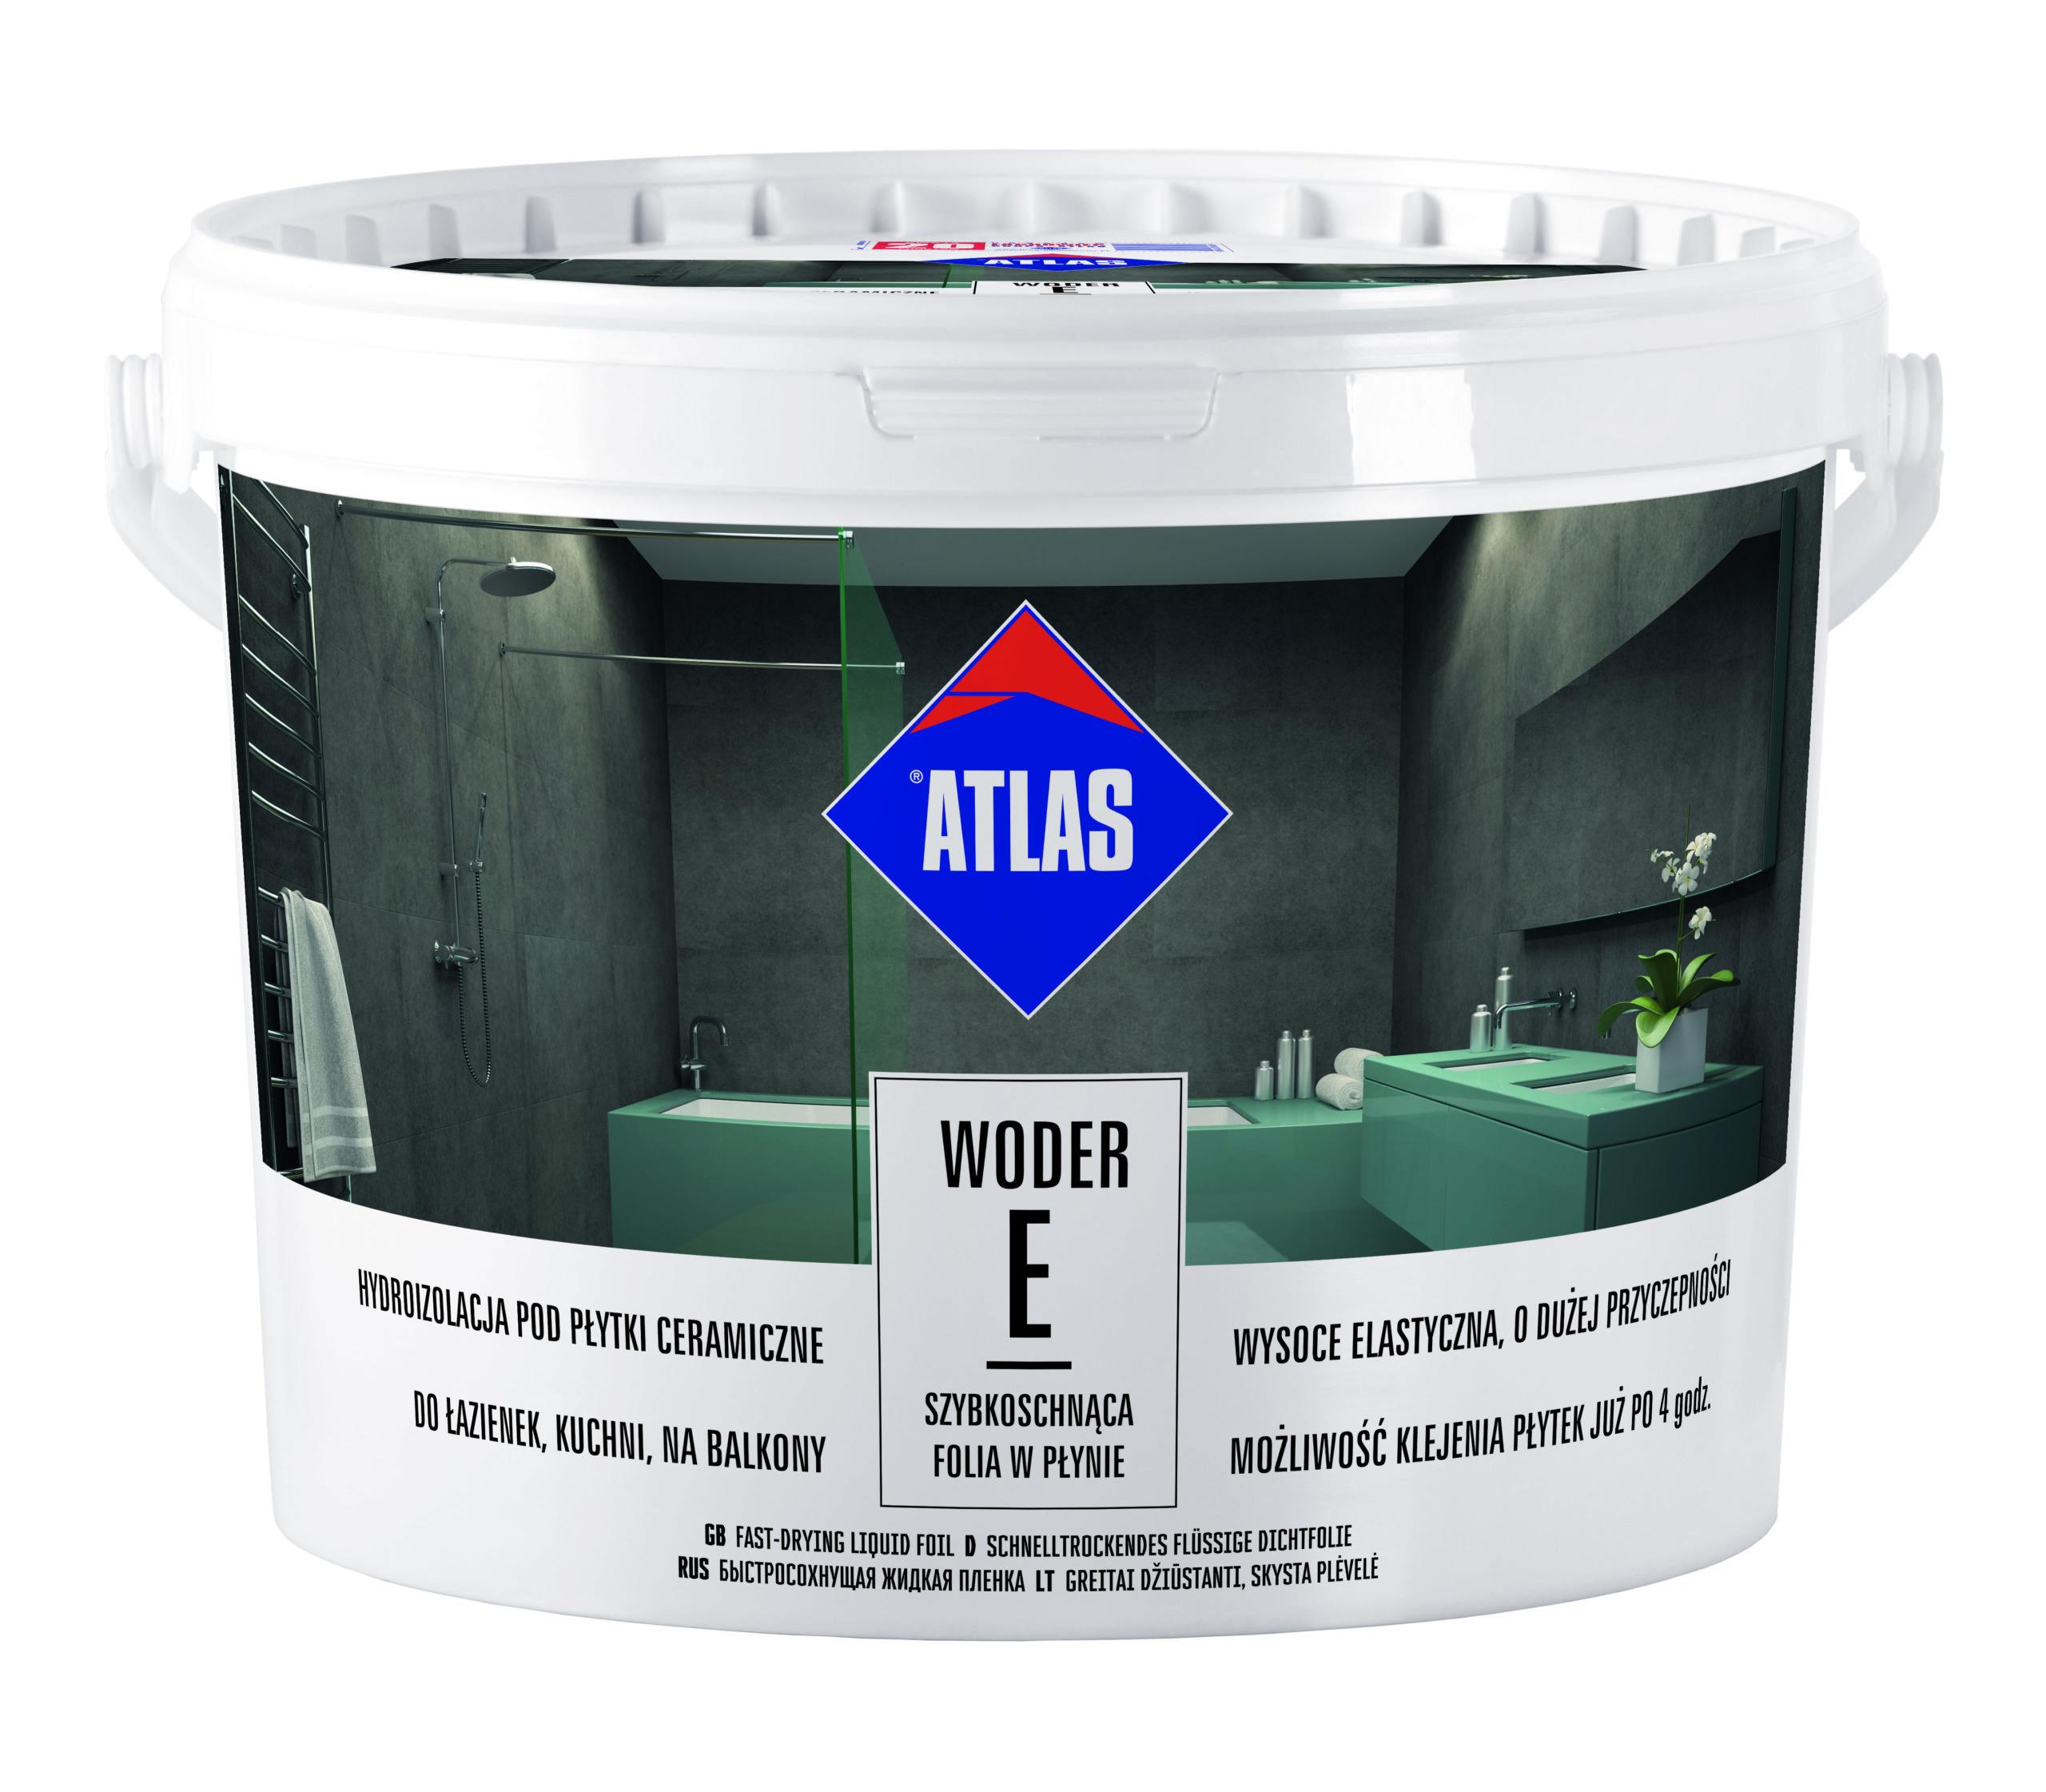 Jak skutecznie ochronić łazienkę przed wodą i wilgocią?  Wystarczy użyć szybkoschnącej folii